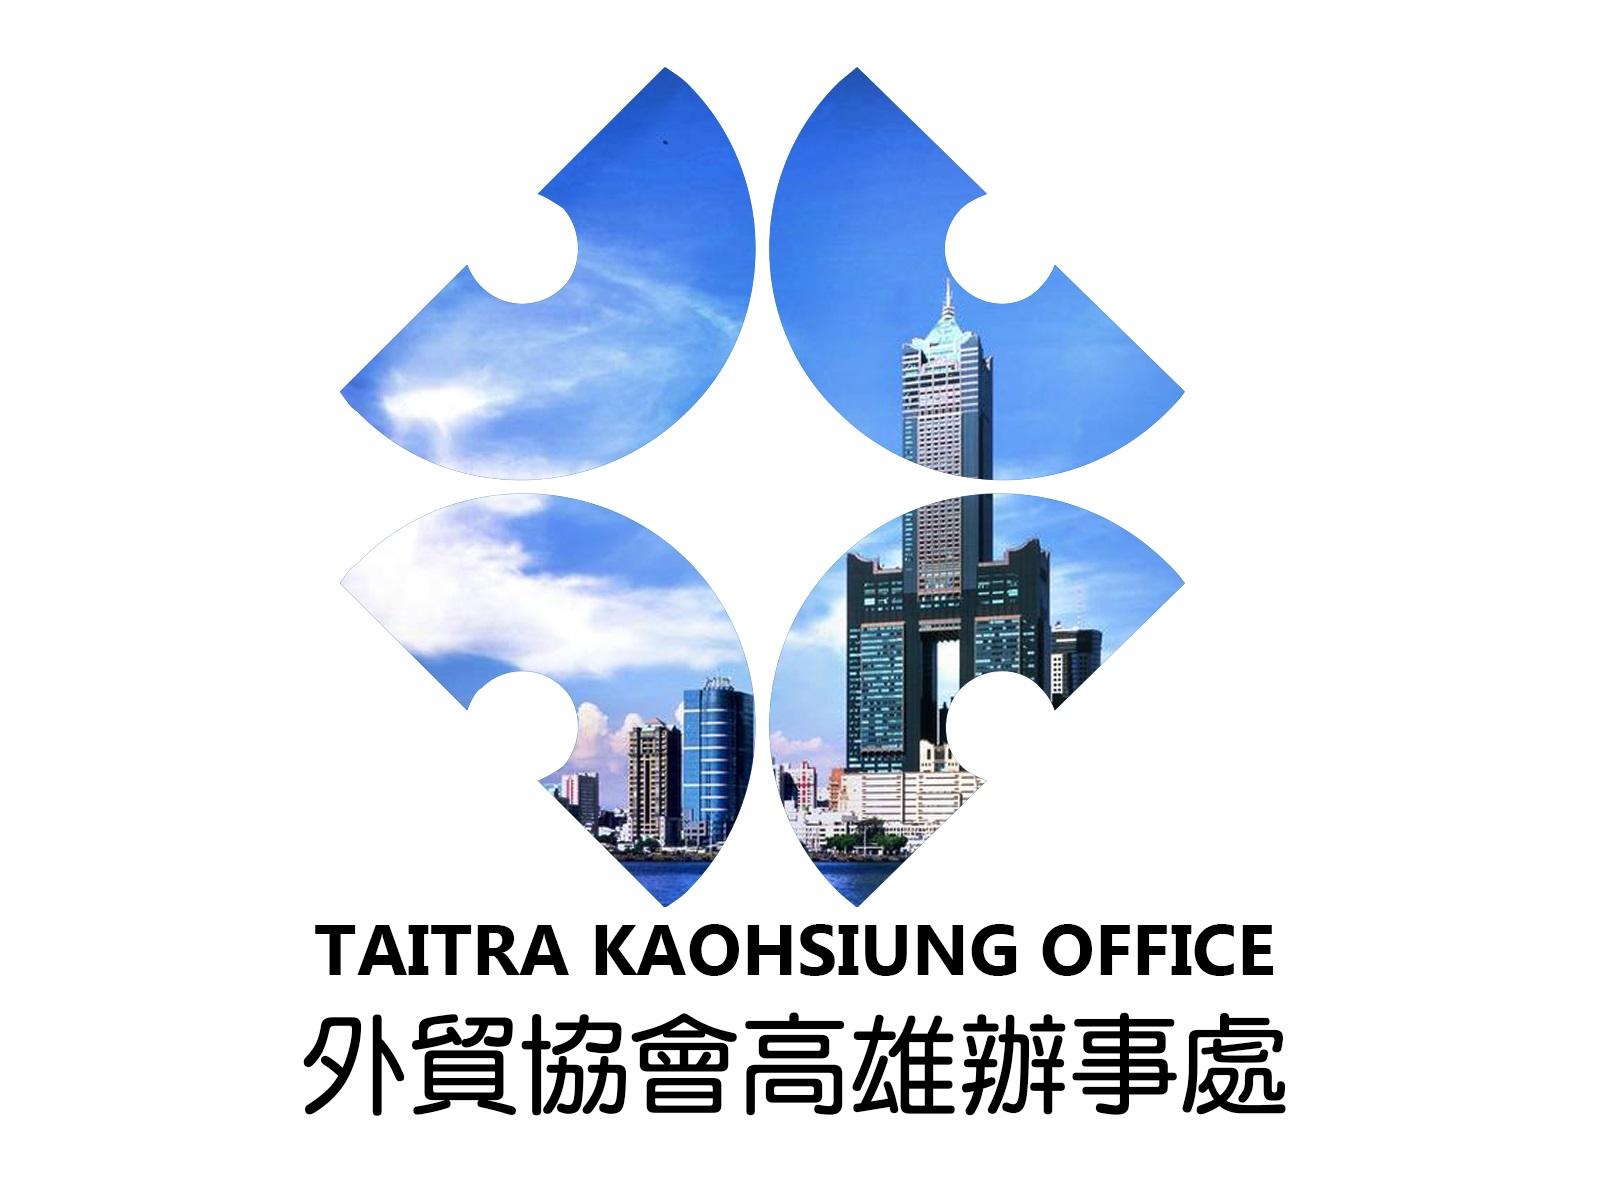 中華民國對外貿易發展協會(高雄辦事處)